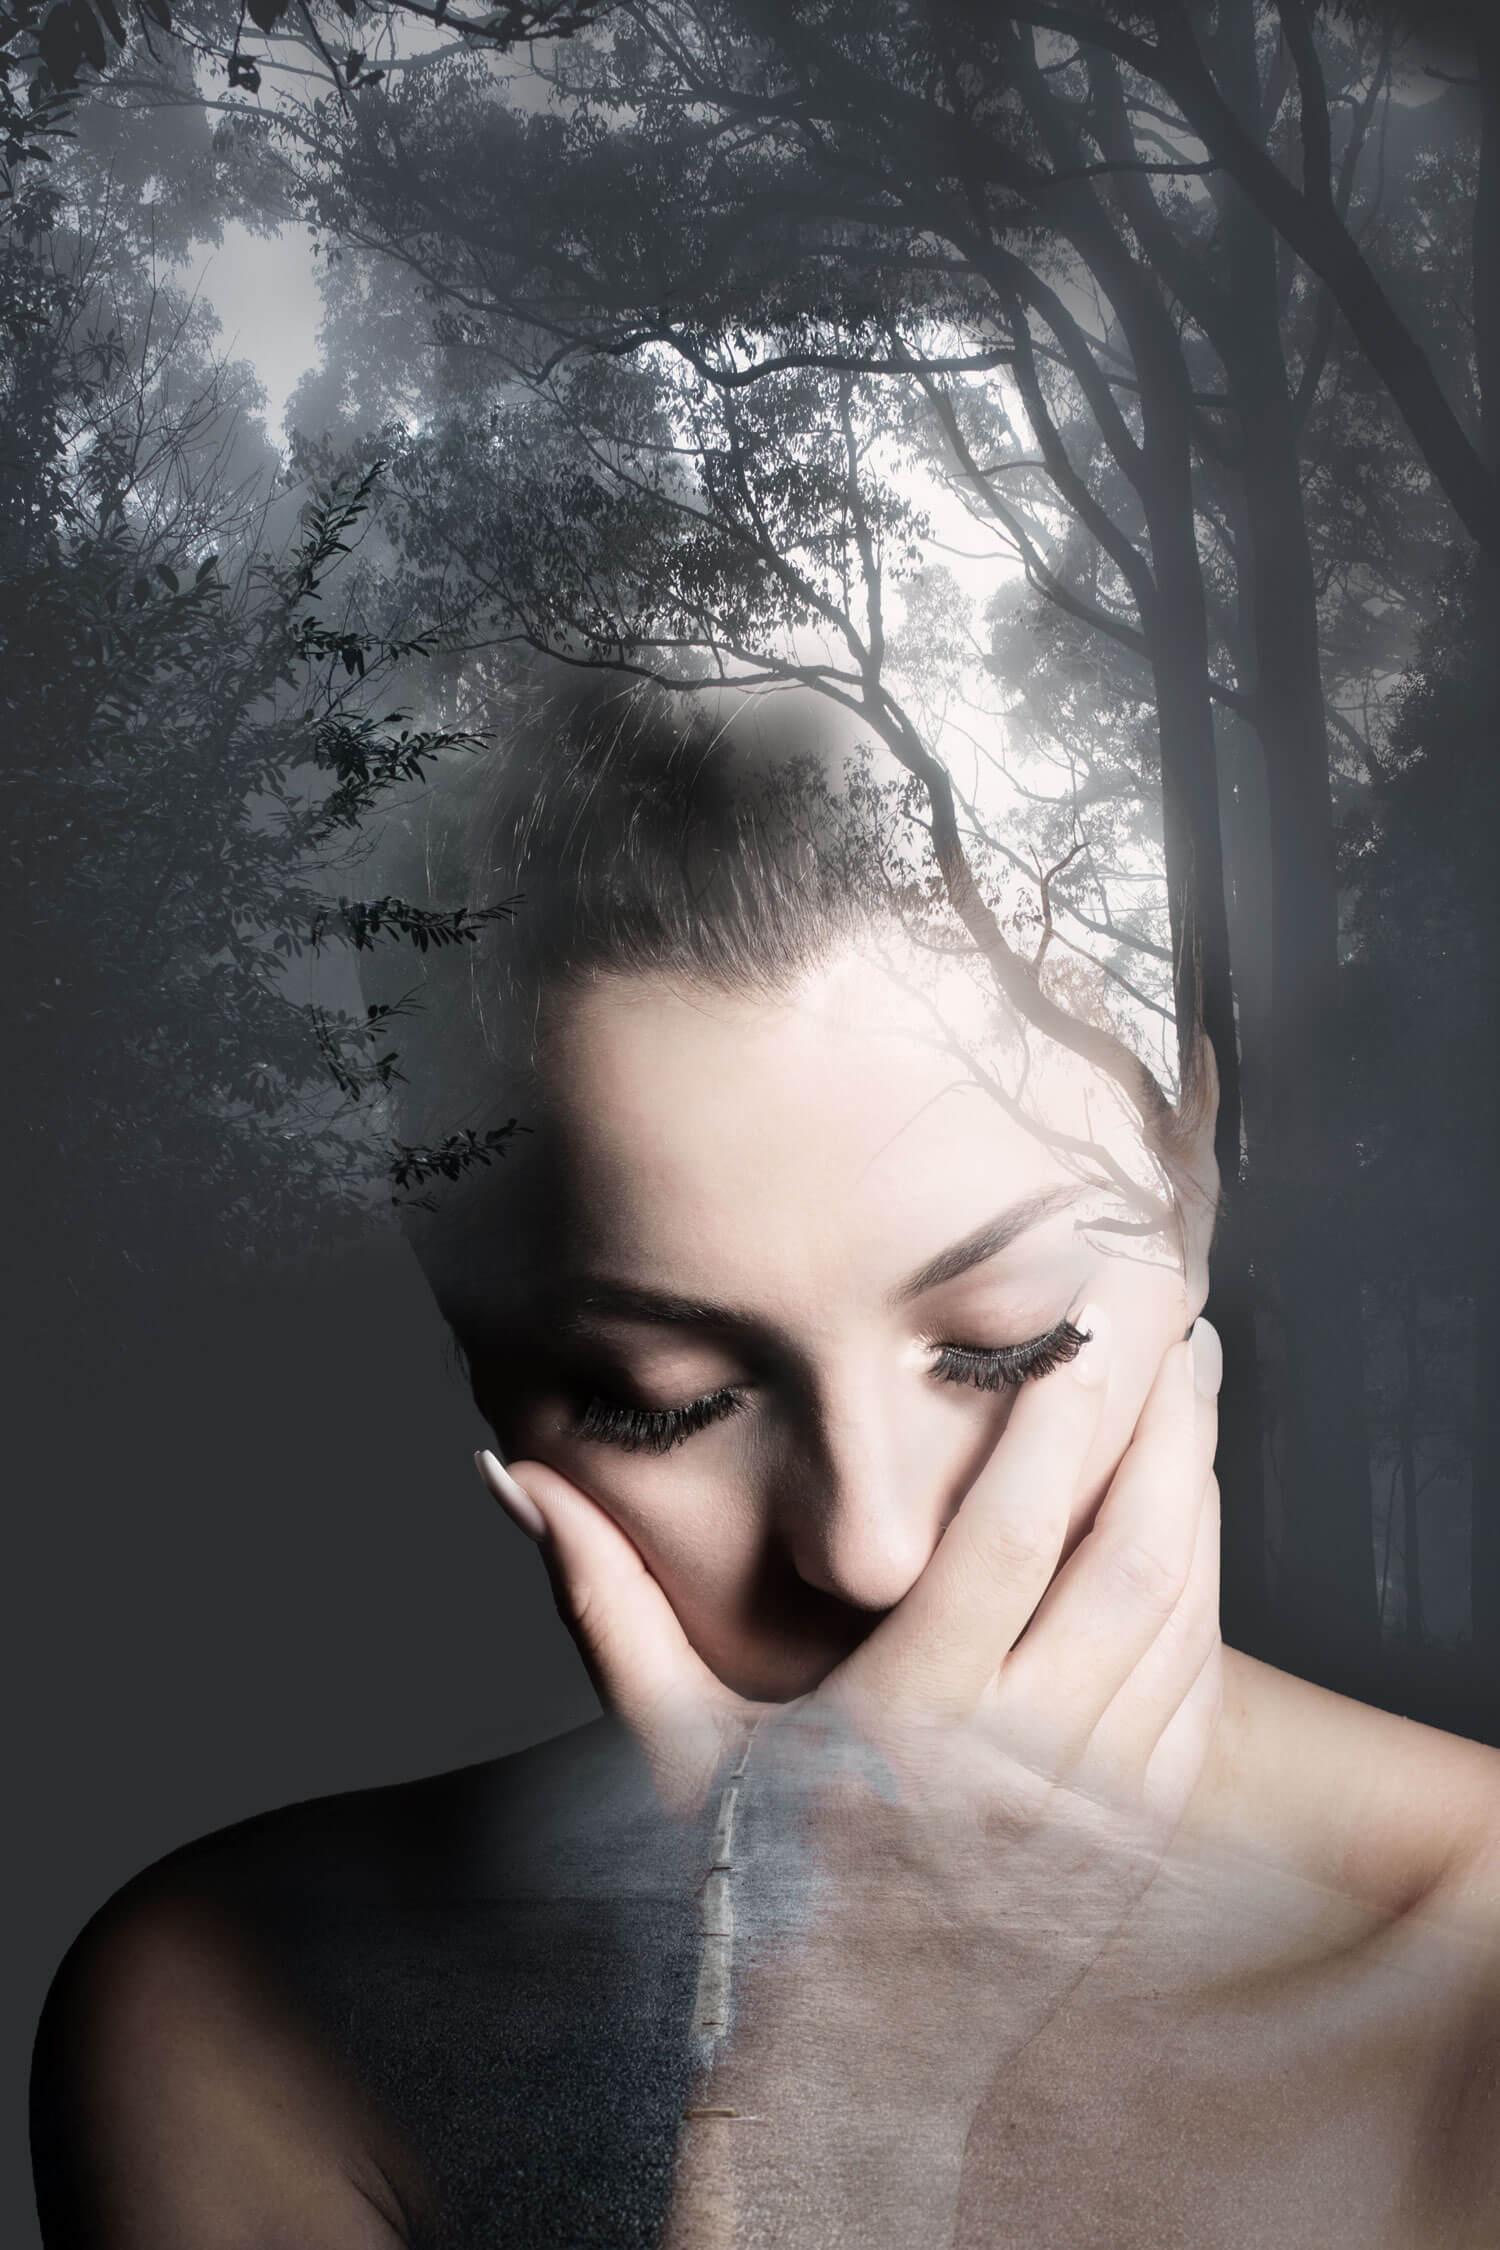 emotionen-gefuehle-trauer